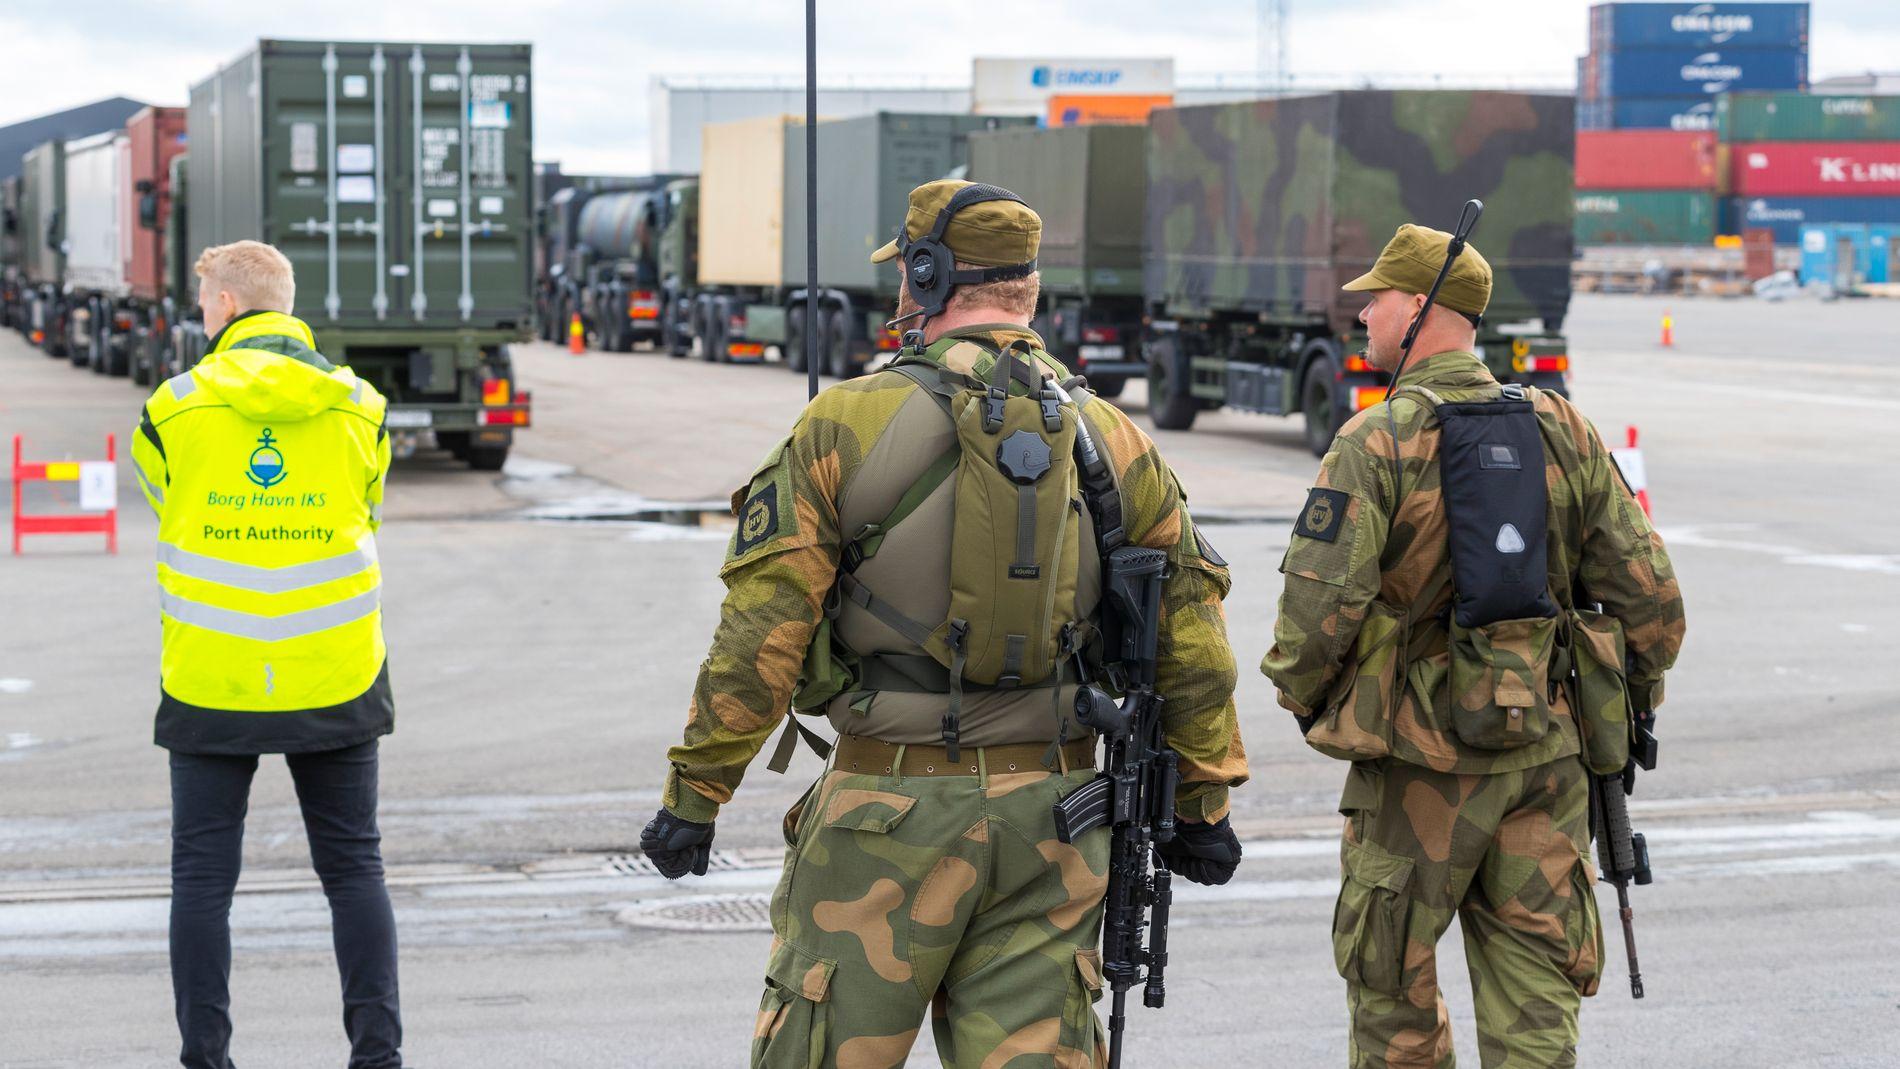 c4a43ca9 NATO-øvelsen: «Murinus» angriper - Norge forsvares av 53.000 NATO ...